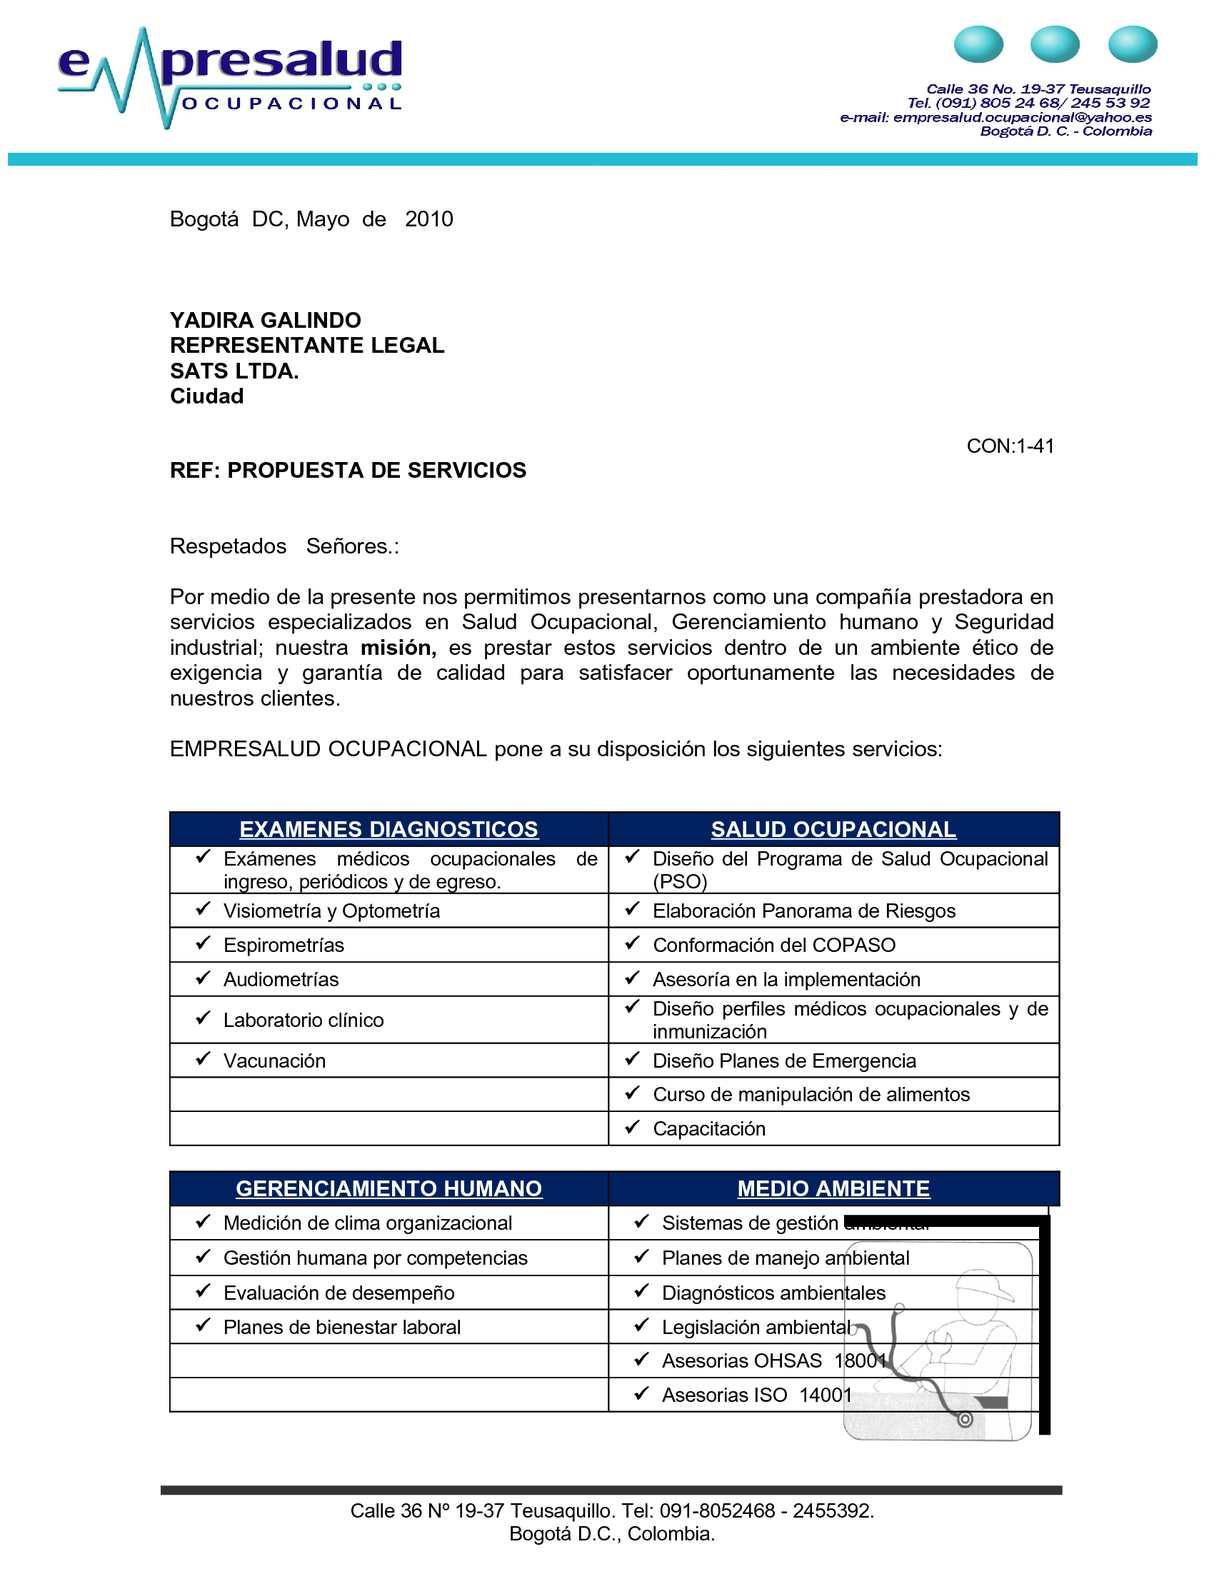 Calaméo - EJEMPLO PROPUESTA DE SERVICIOS.